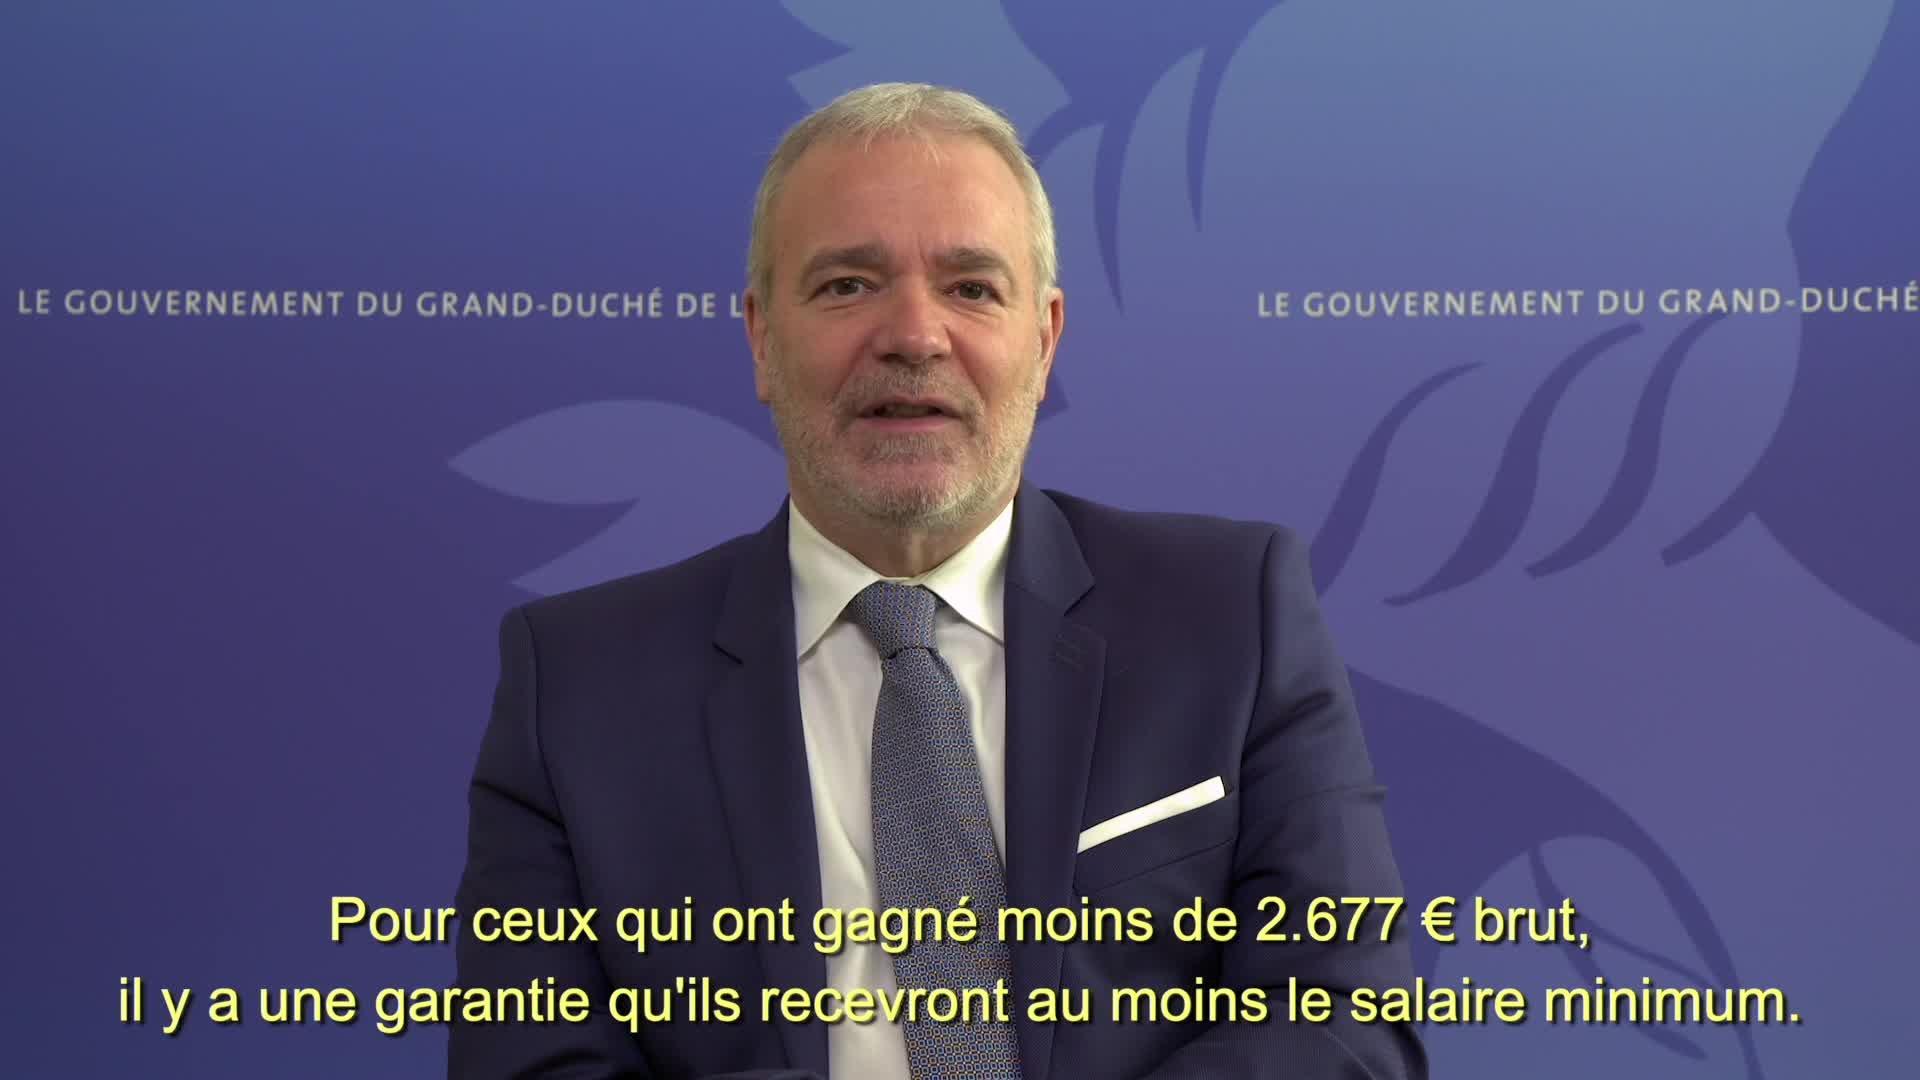 Covid19 - Le Vice-Premier ministre, Dan Kersch, informe (Travail, Emploi, Économie sociale et solidaire)